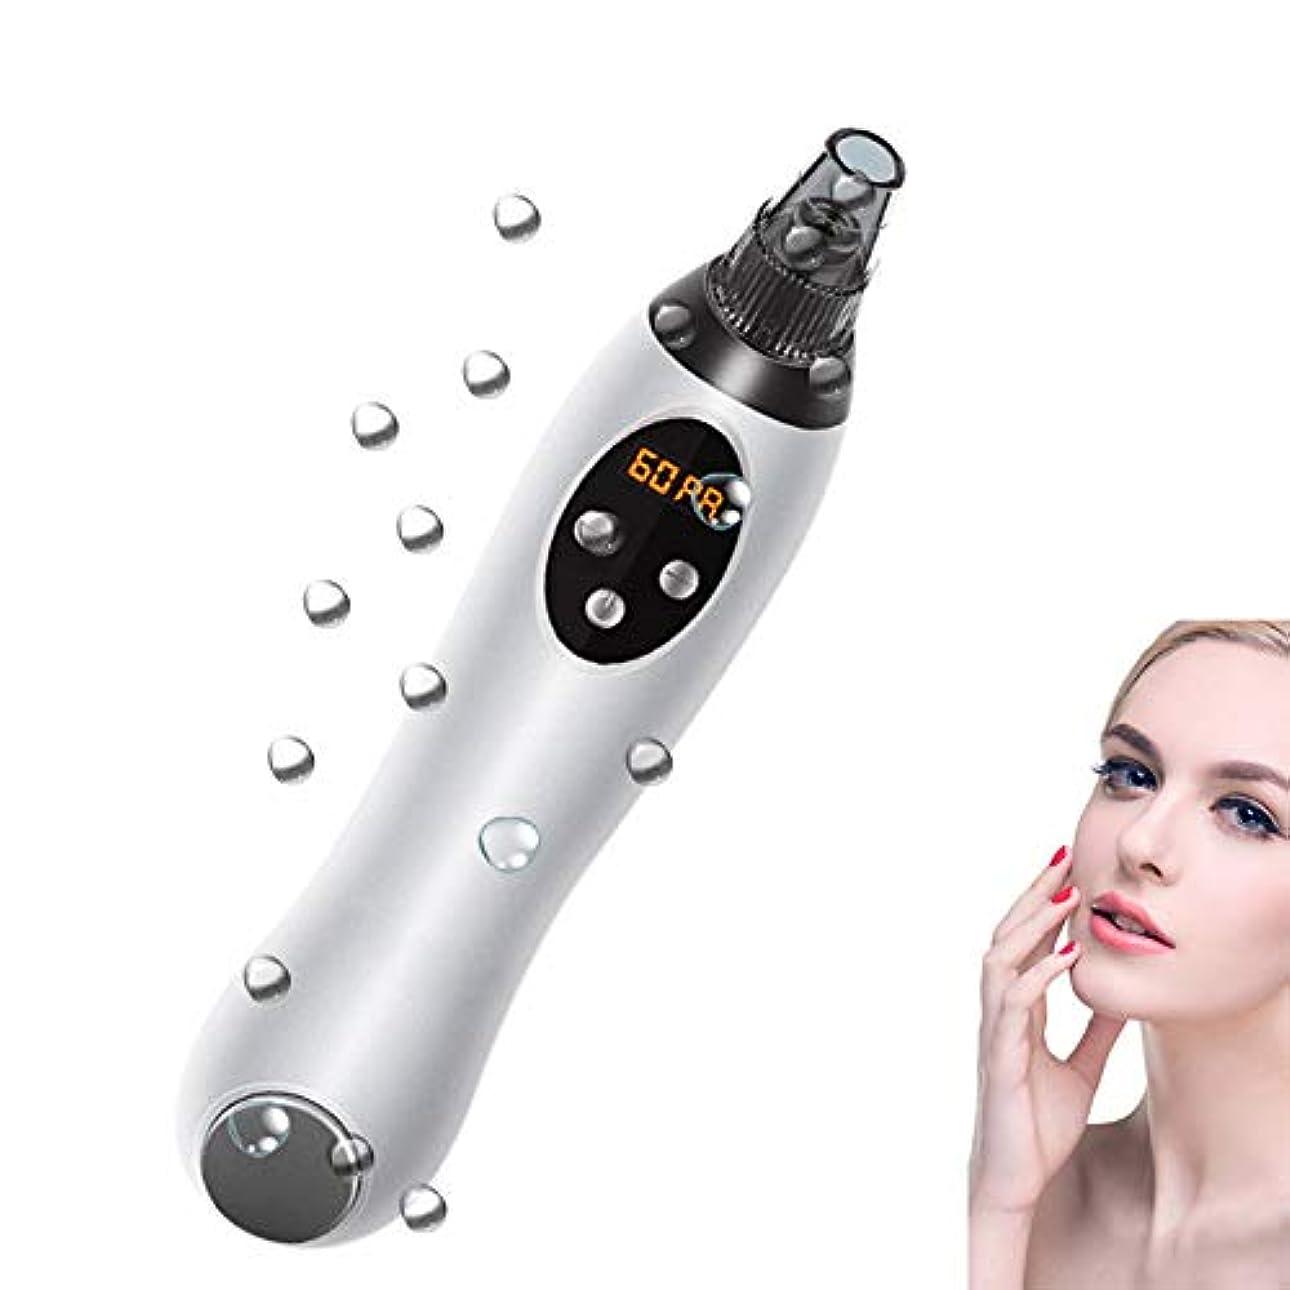 アラブサラボ称賛代表ブラックヘッド吸引掃除機リムーバー充電式USB顔面ざ瘡、アクネ毛穴清掃美容ツール,Silver